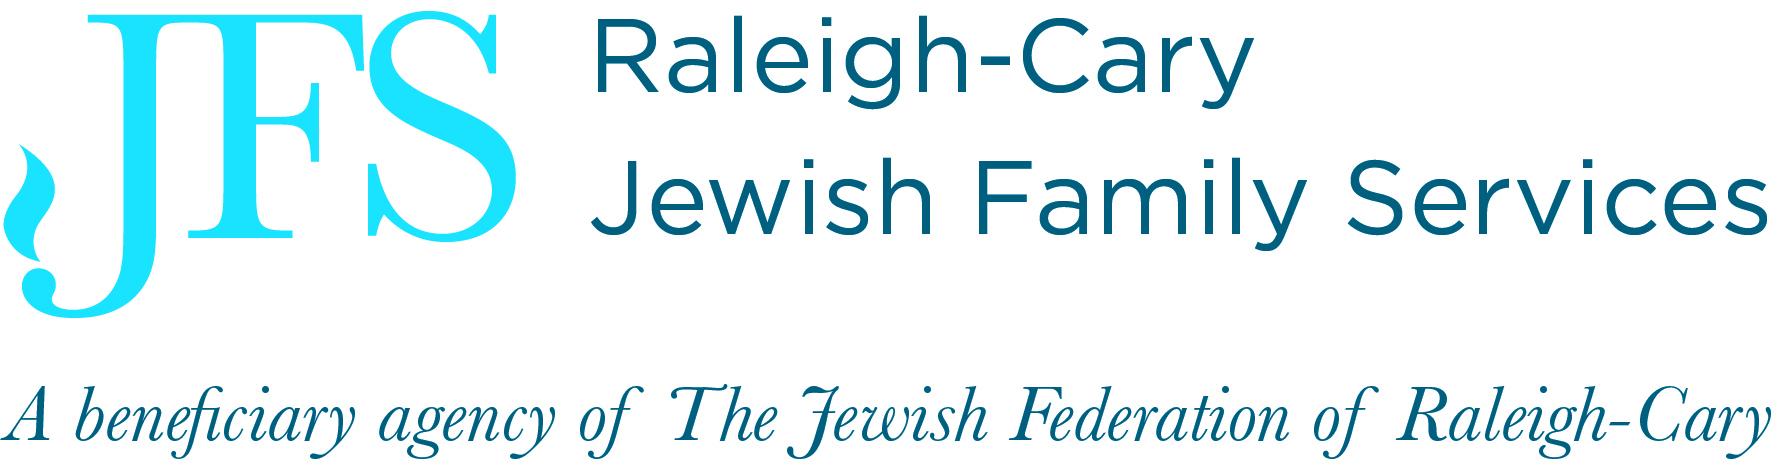 JFS is an agency of JFRC logo.jpg